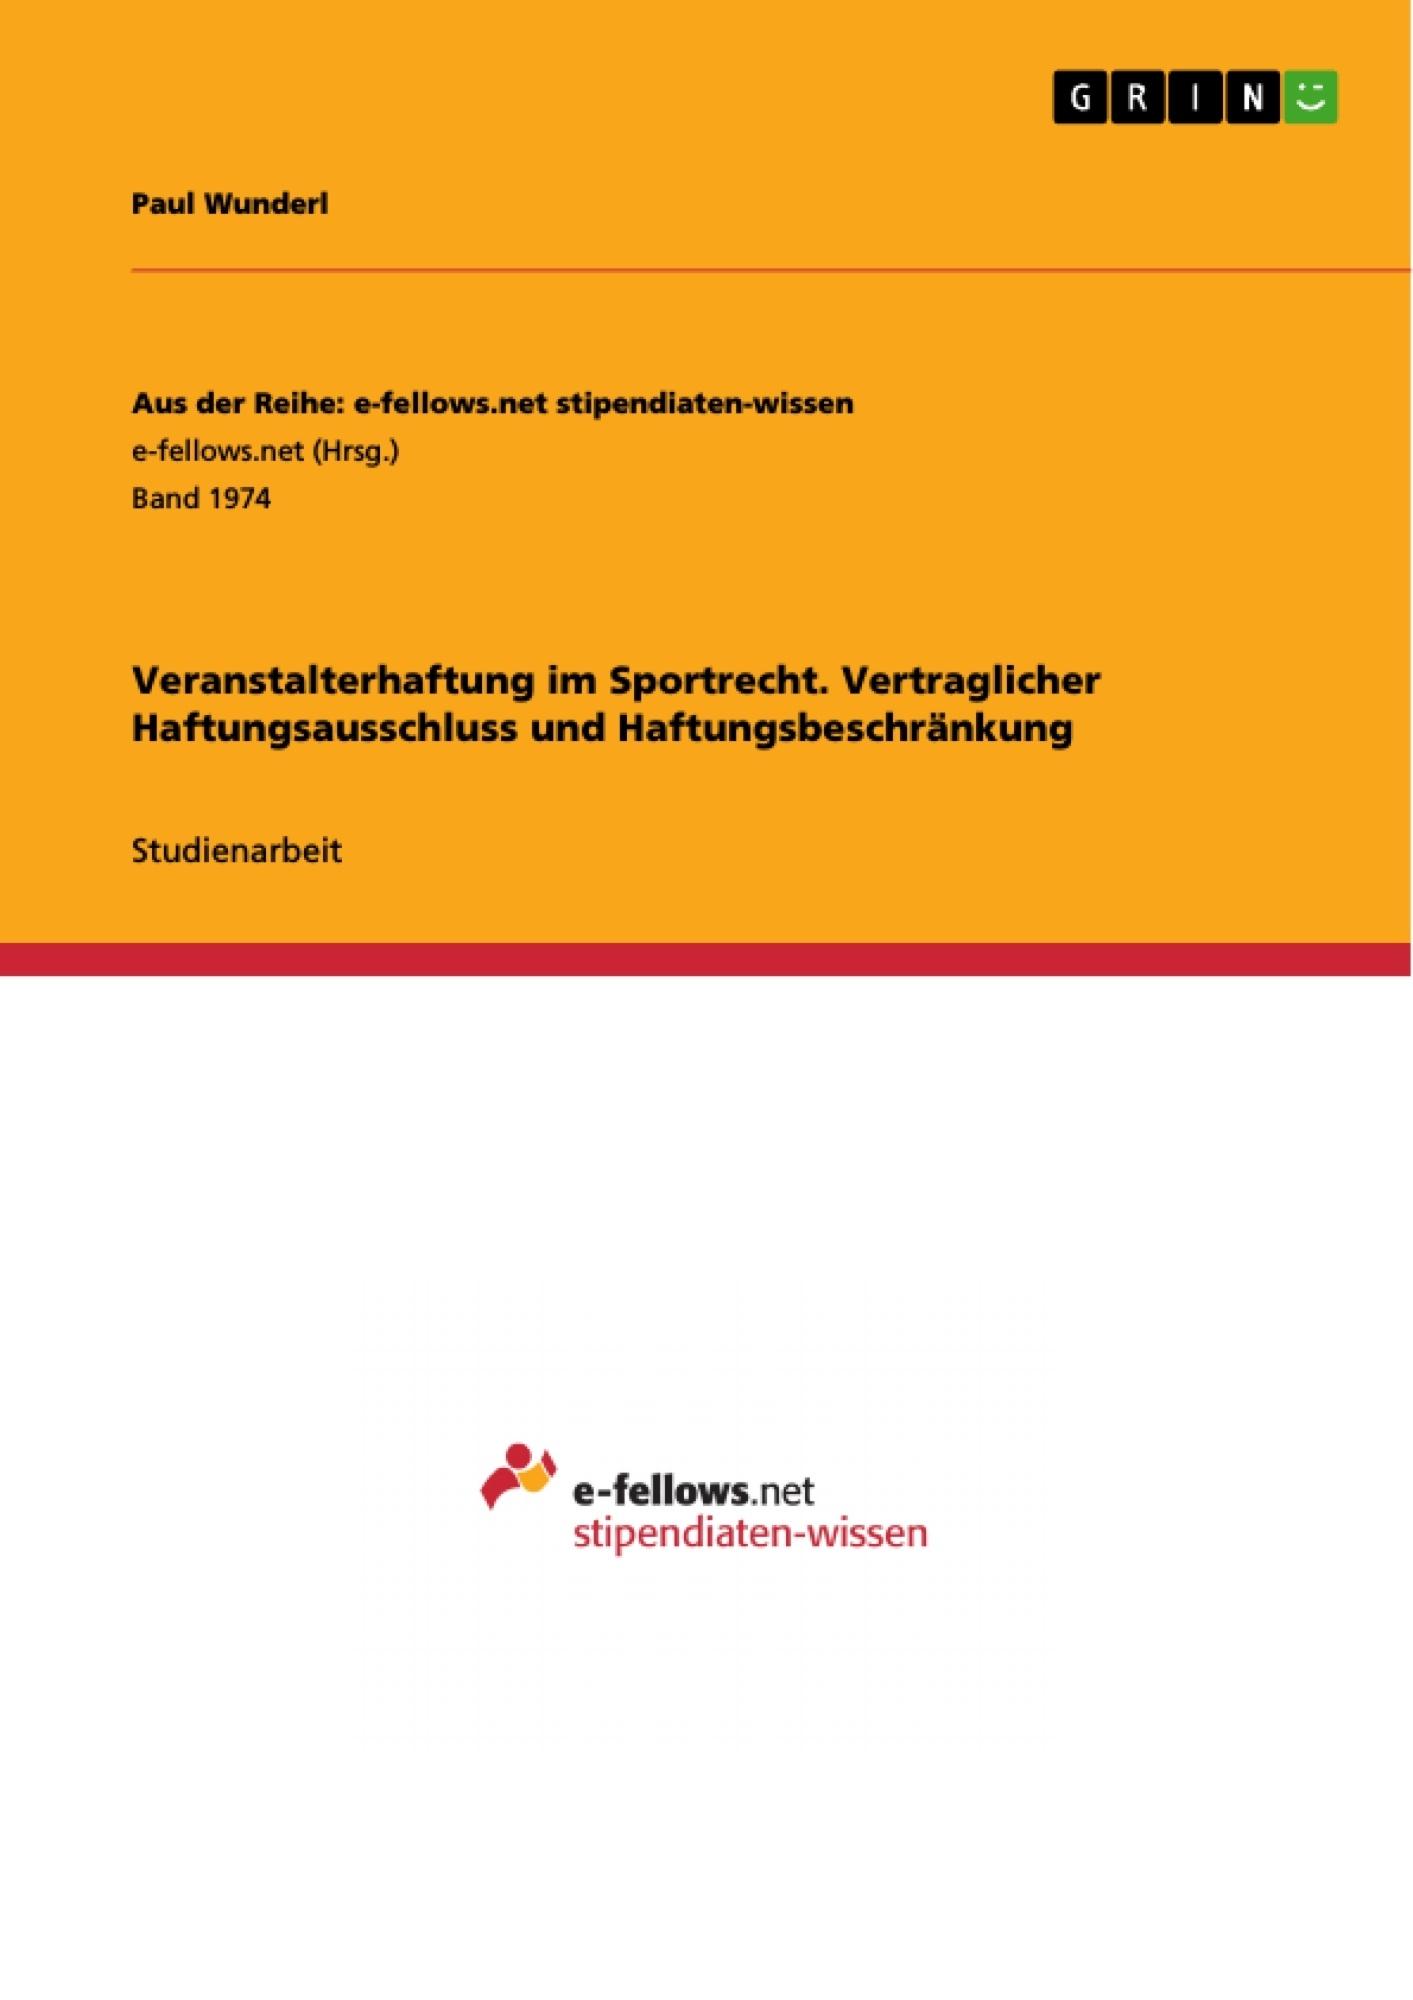 Titel: Veranstalterhaftung im Sportrecht. Vertraglicher Haftungsausschluss und Haftungsbeschränkung